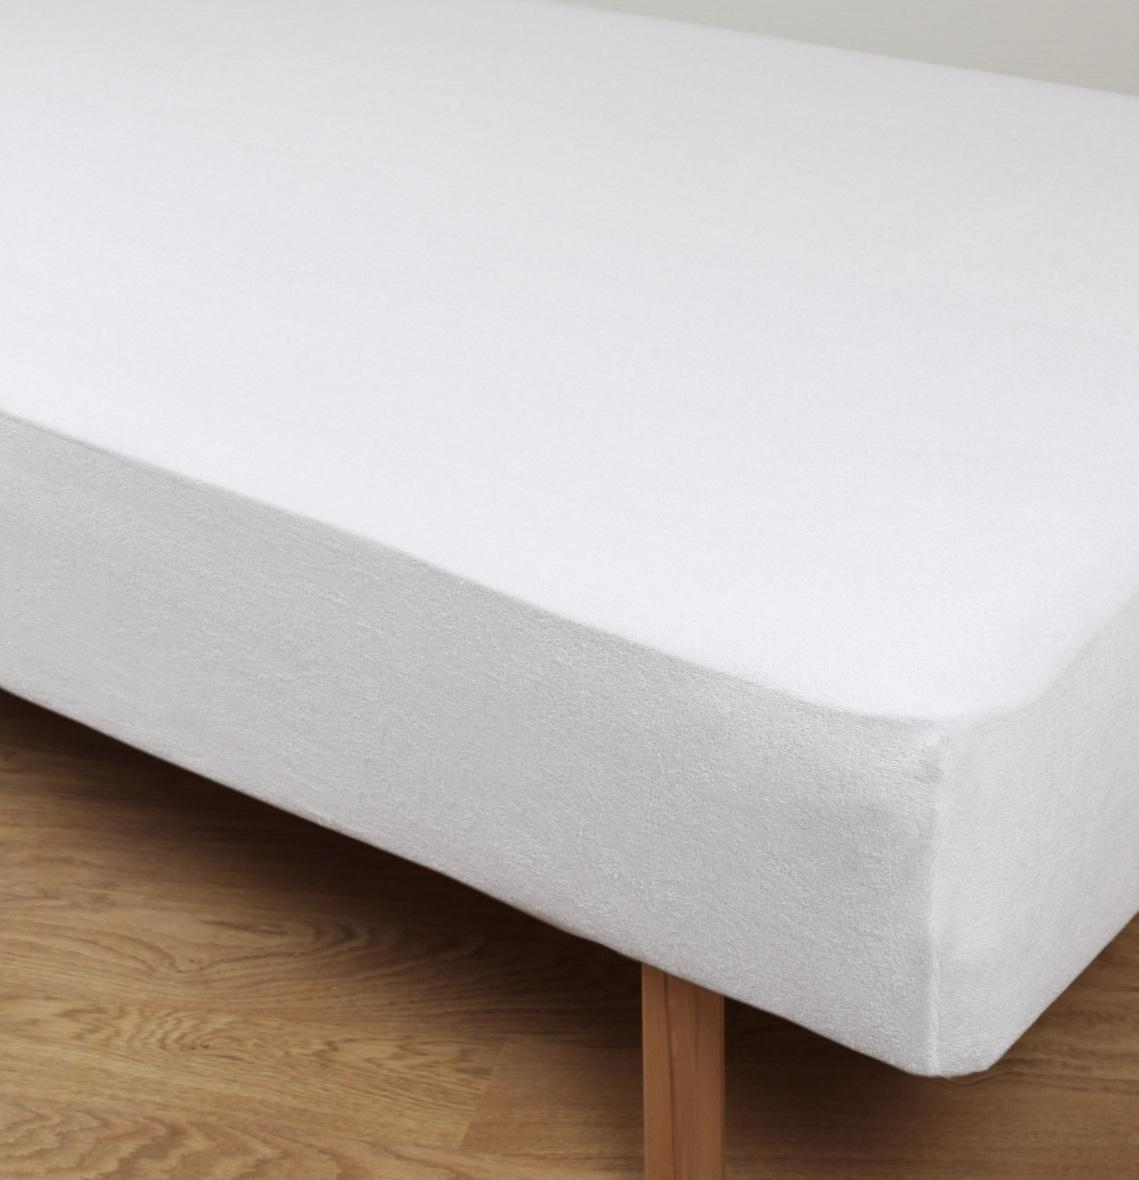 Sängklädsel 105 x 210 cm frotté Värnamo of Sweden